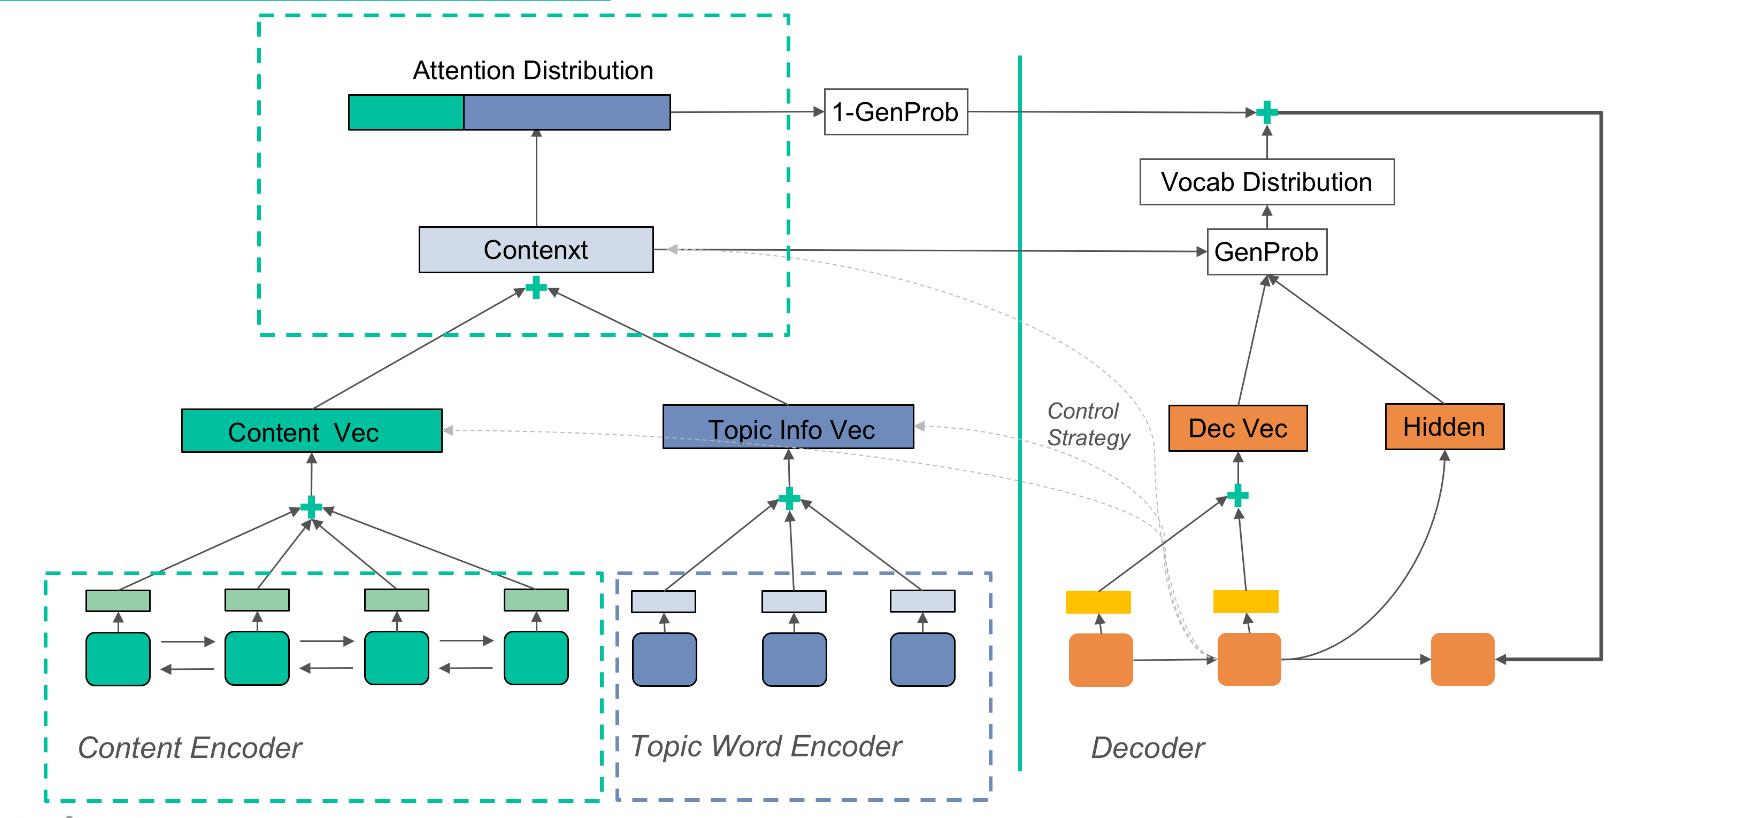 图14 LSTM Attention Based Seq2Seq模型结构